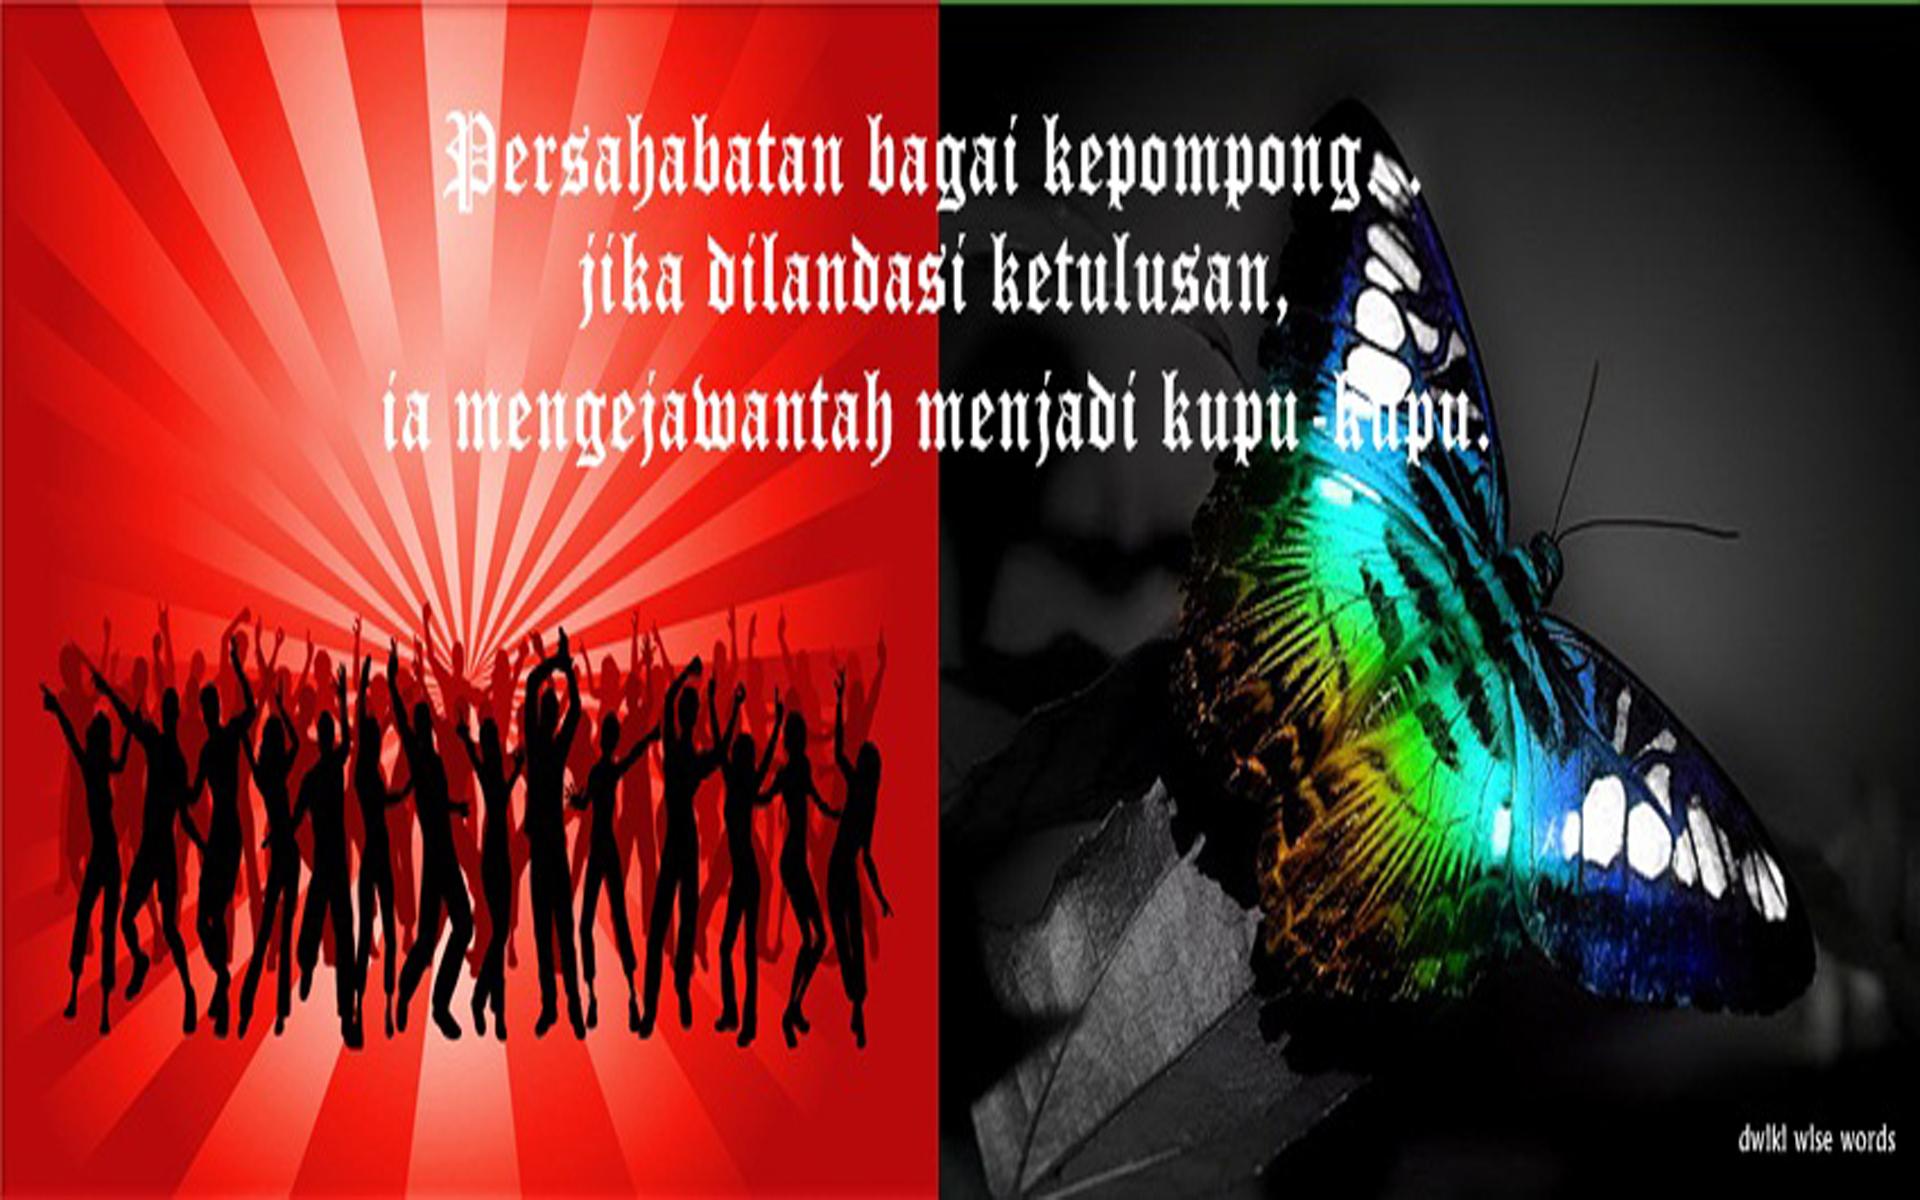 Foto Sampul Kronologi Facebook Keren Persahabatan Kepompong Menjelma